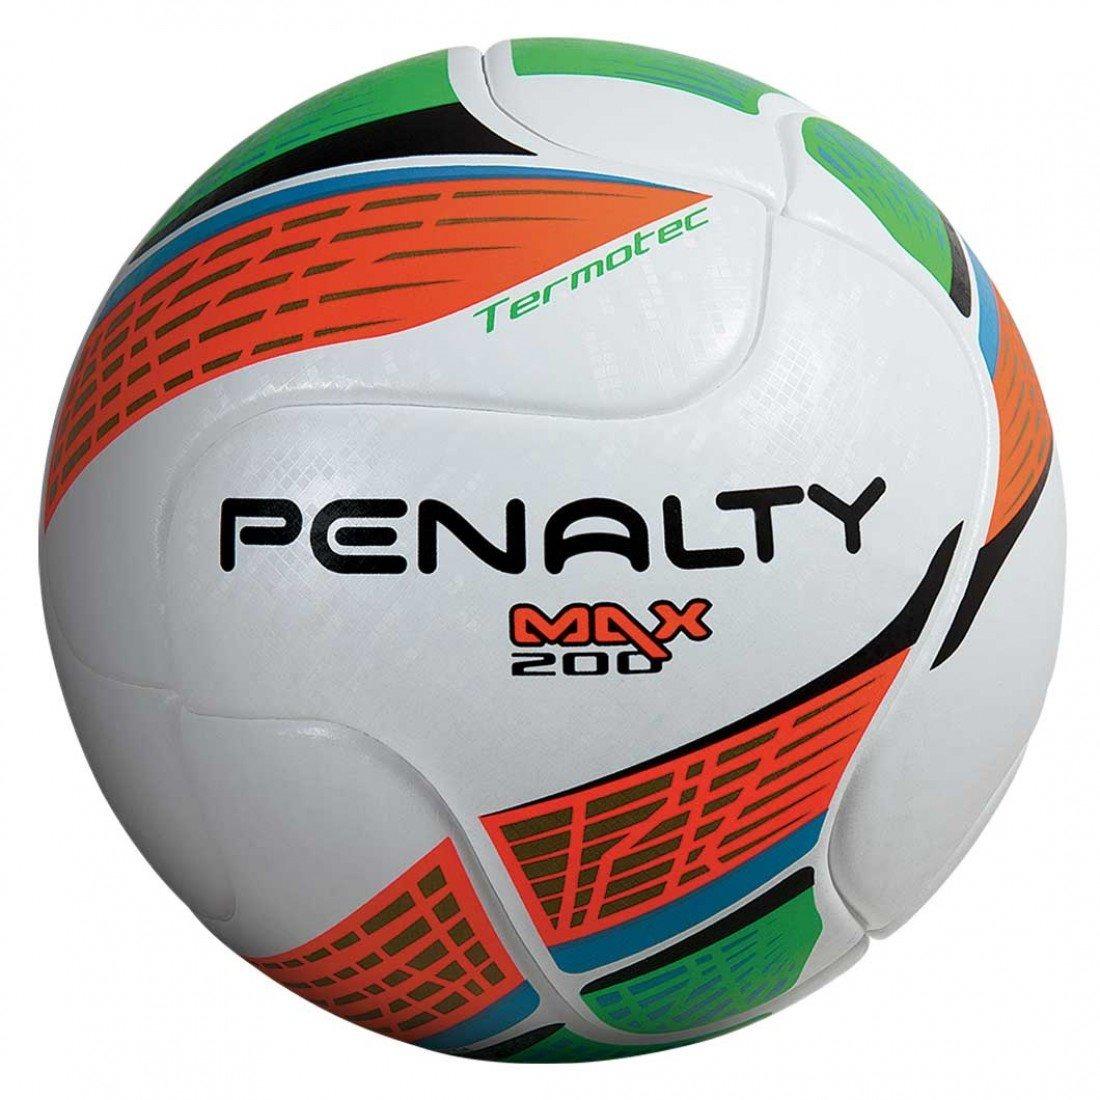 493fa98eab Bola De Futsal Penalty Max 200 Termotec - 541340 - R  157